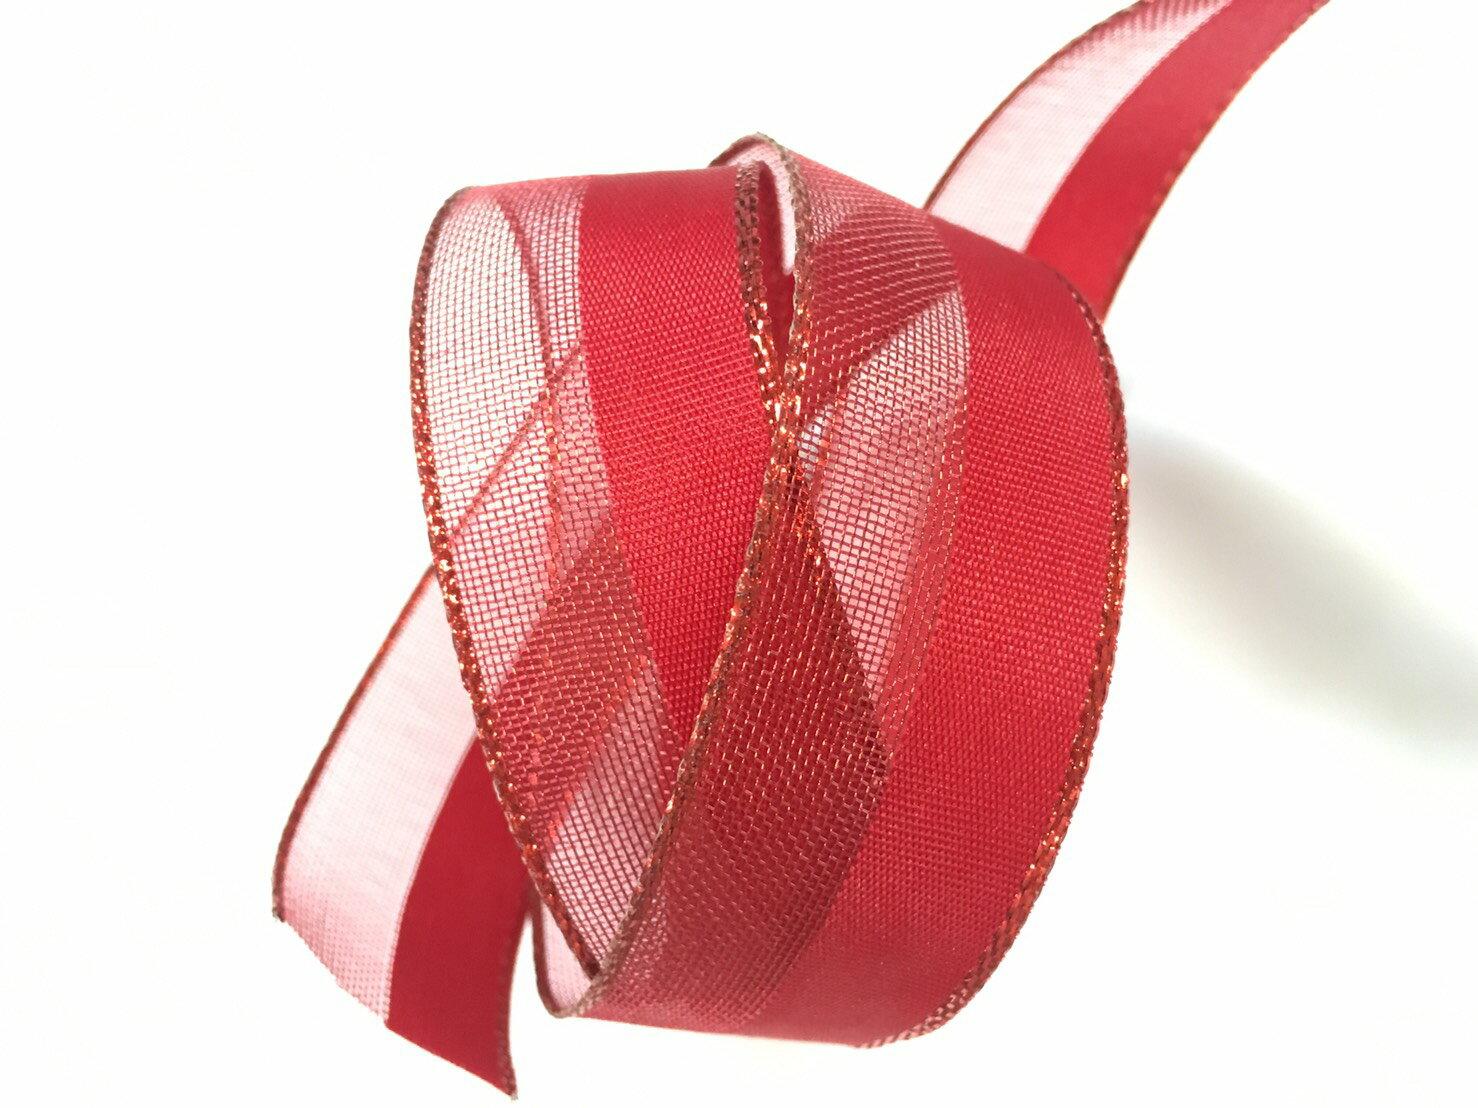 聖誕雙色鐵絲帶 3碼裝 2款 (5色) 2